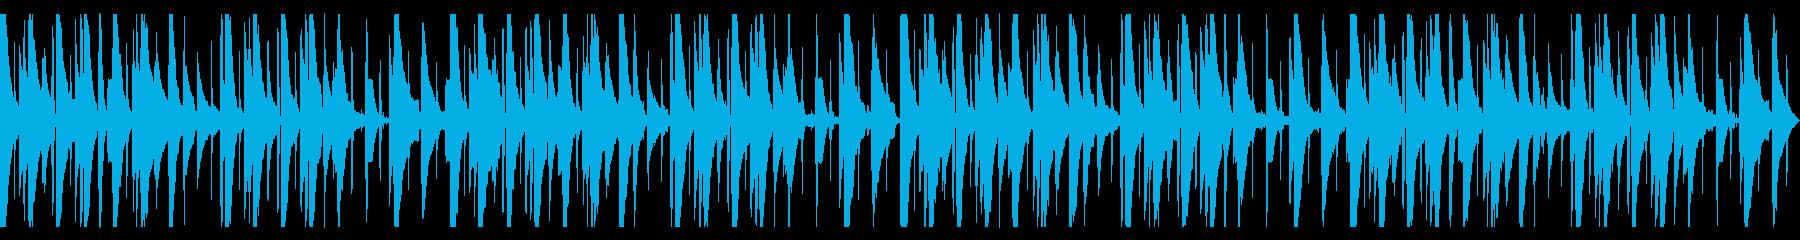 ピアノLofi Hiphop 環境音なしの再生済みの波形